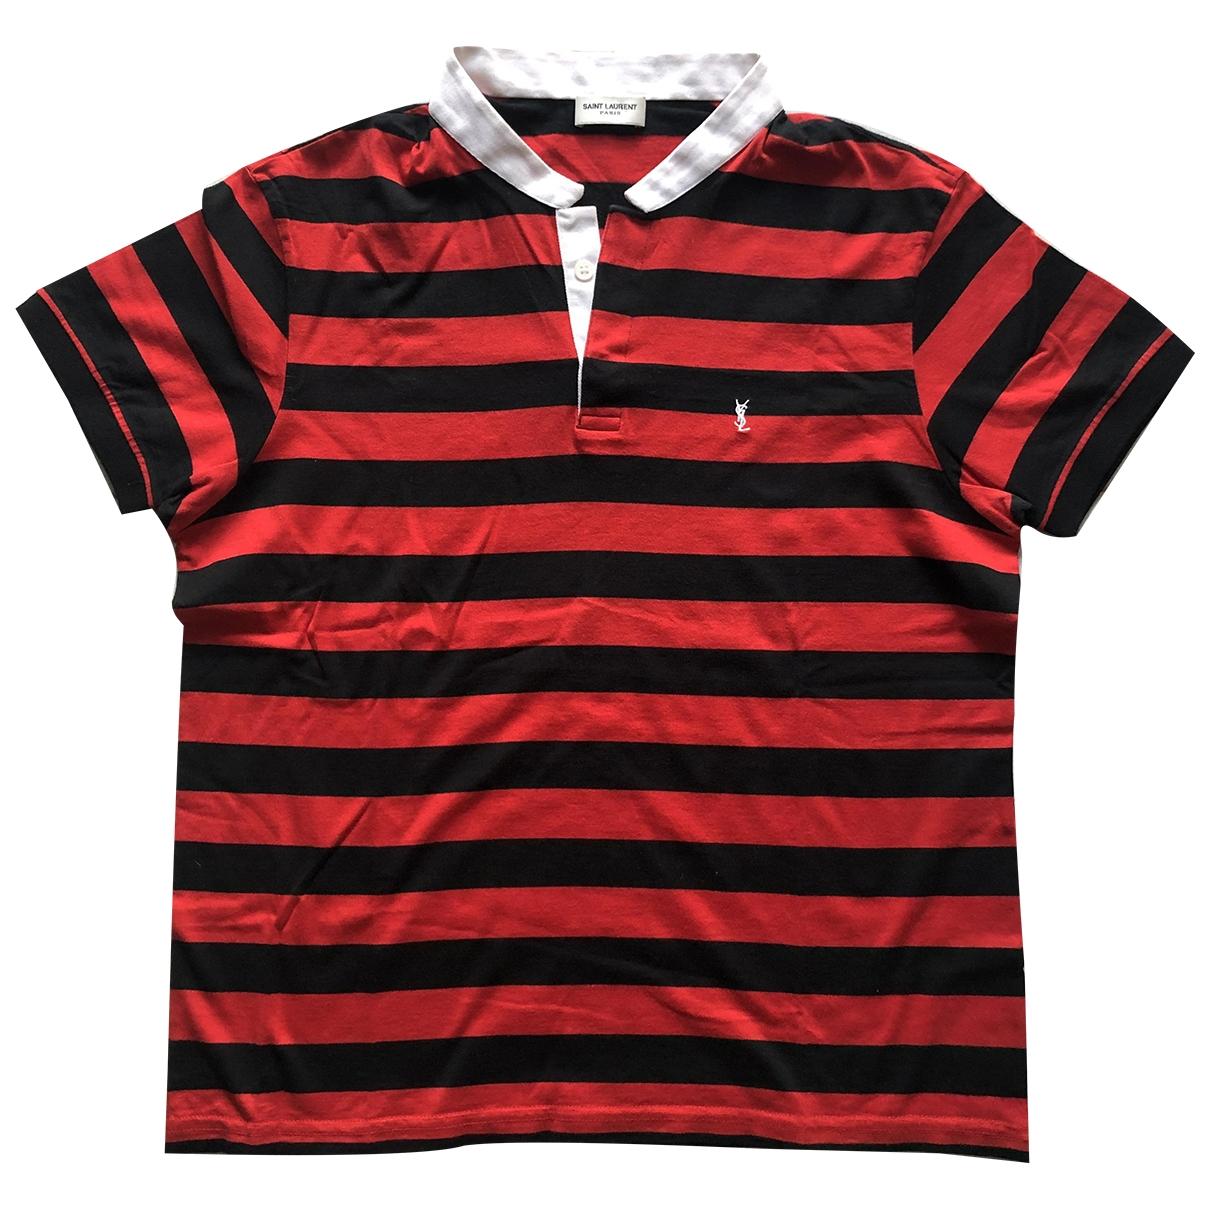 Saint Laurent - Tee shirts   pour homme en coton - rouge